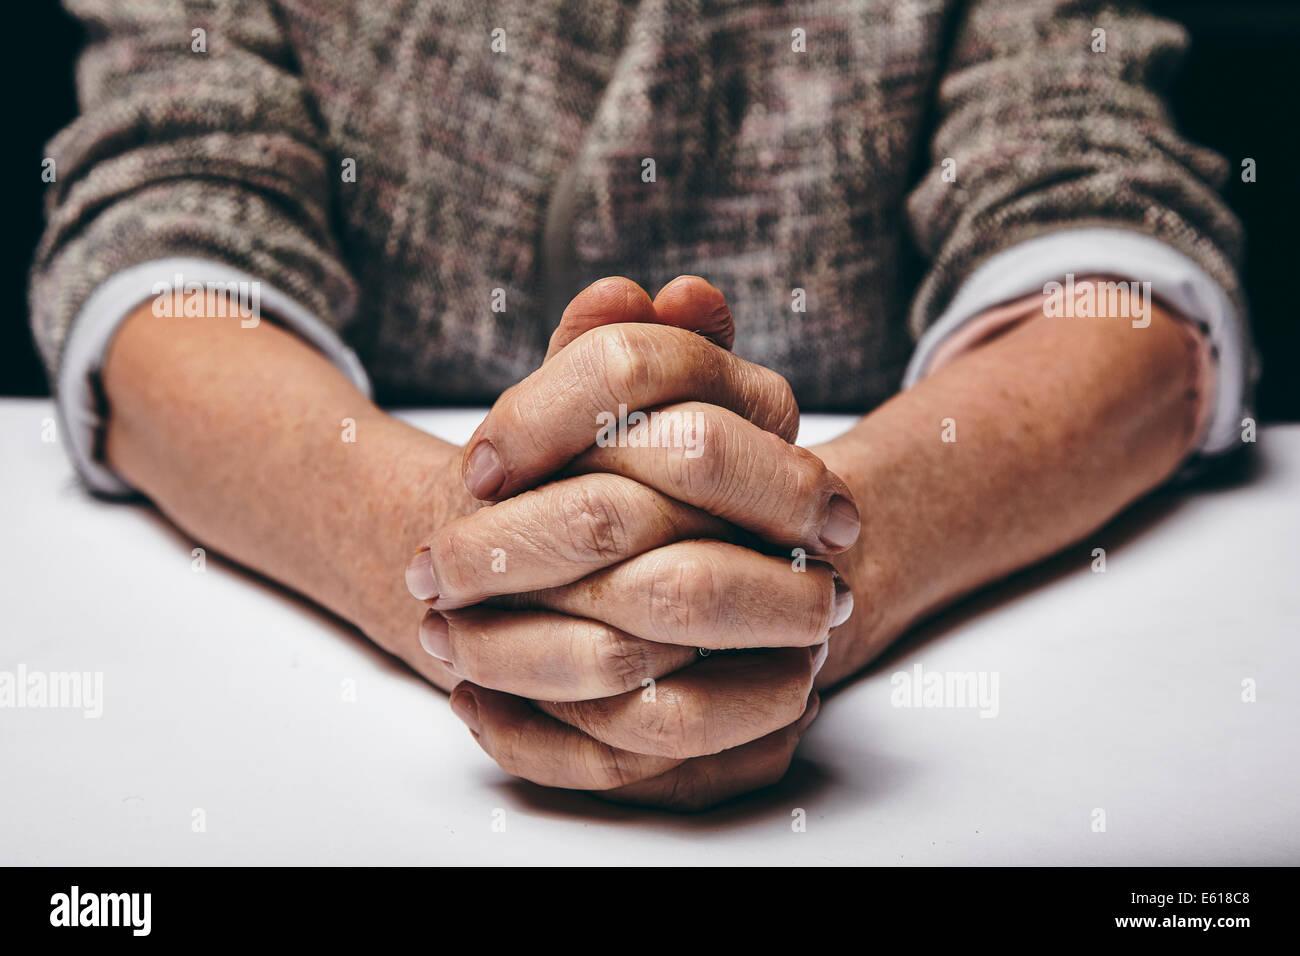 La photographie de studio priant mains d'une femme senior sur table. Vieux les mains jointes sur une table. Photo Stock